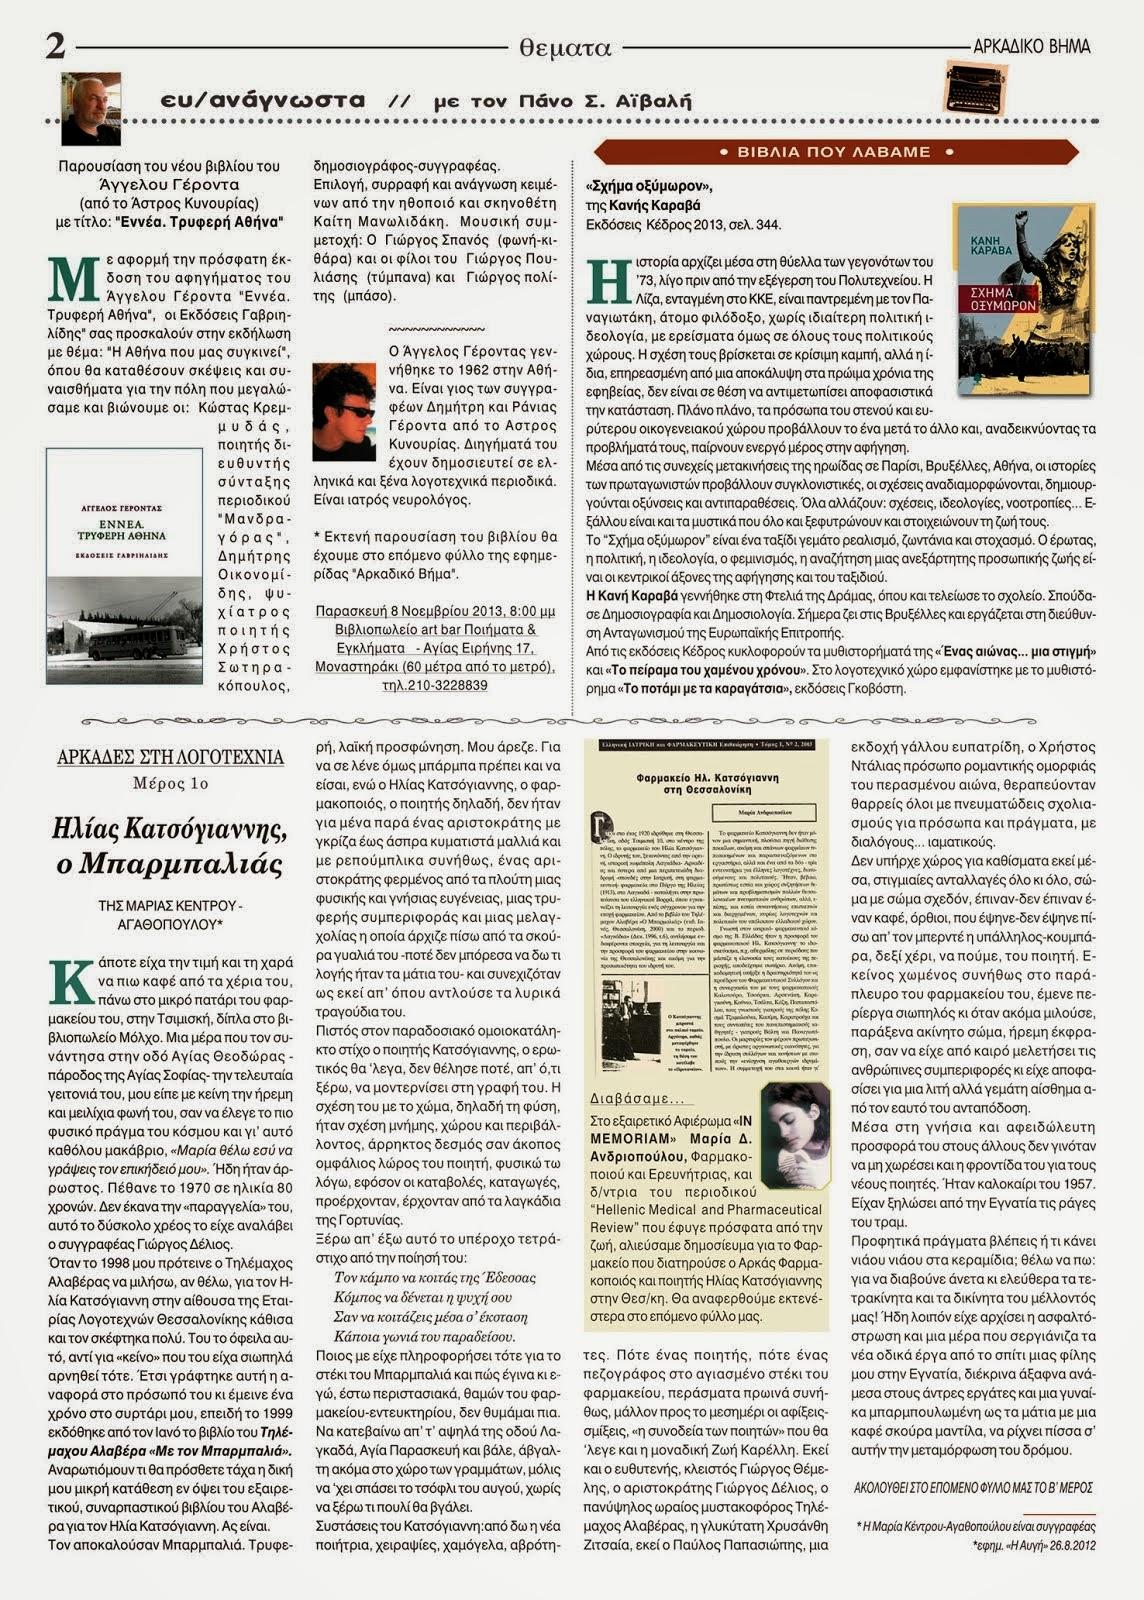 ΑΡΚΑΔΙΚΟ ΒΗΜΑ: Ηλίας Κατσόγιαννης ο Μπαρμπαλιάς